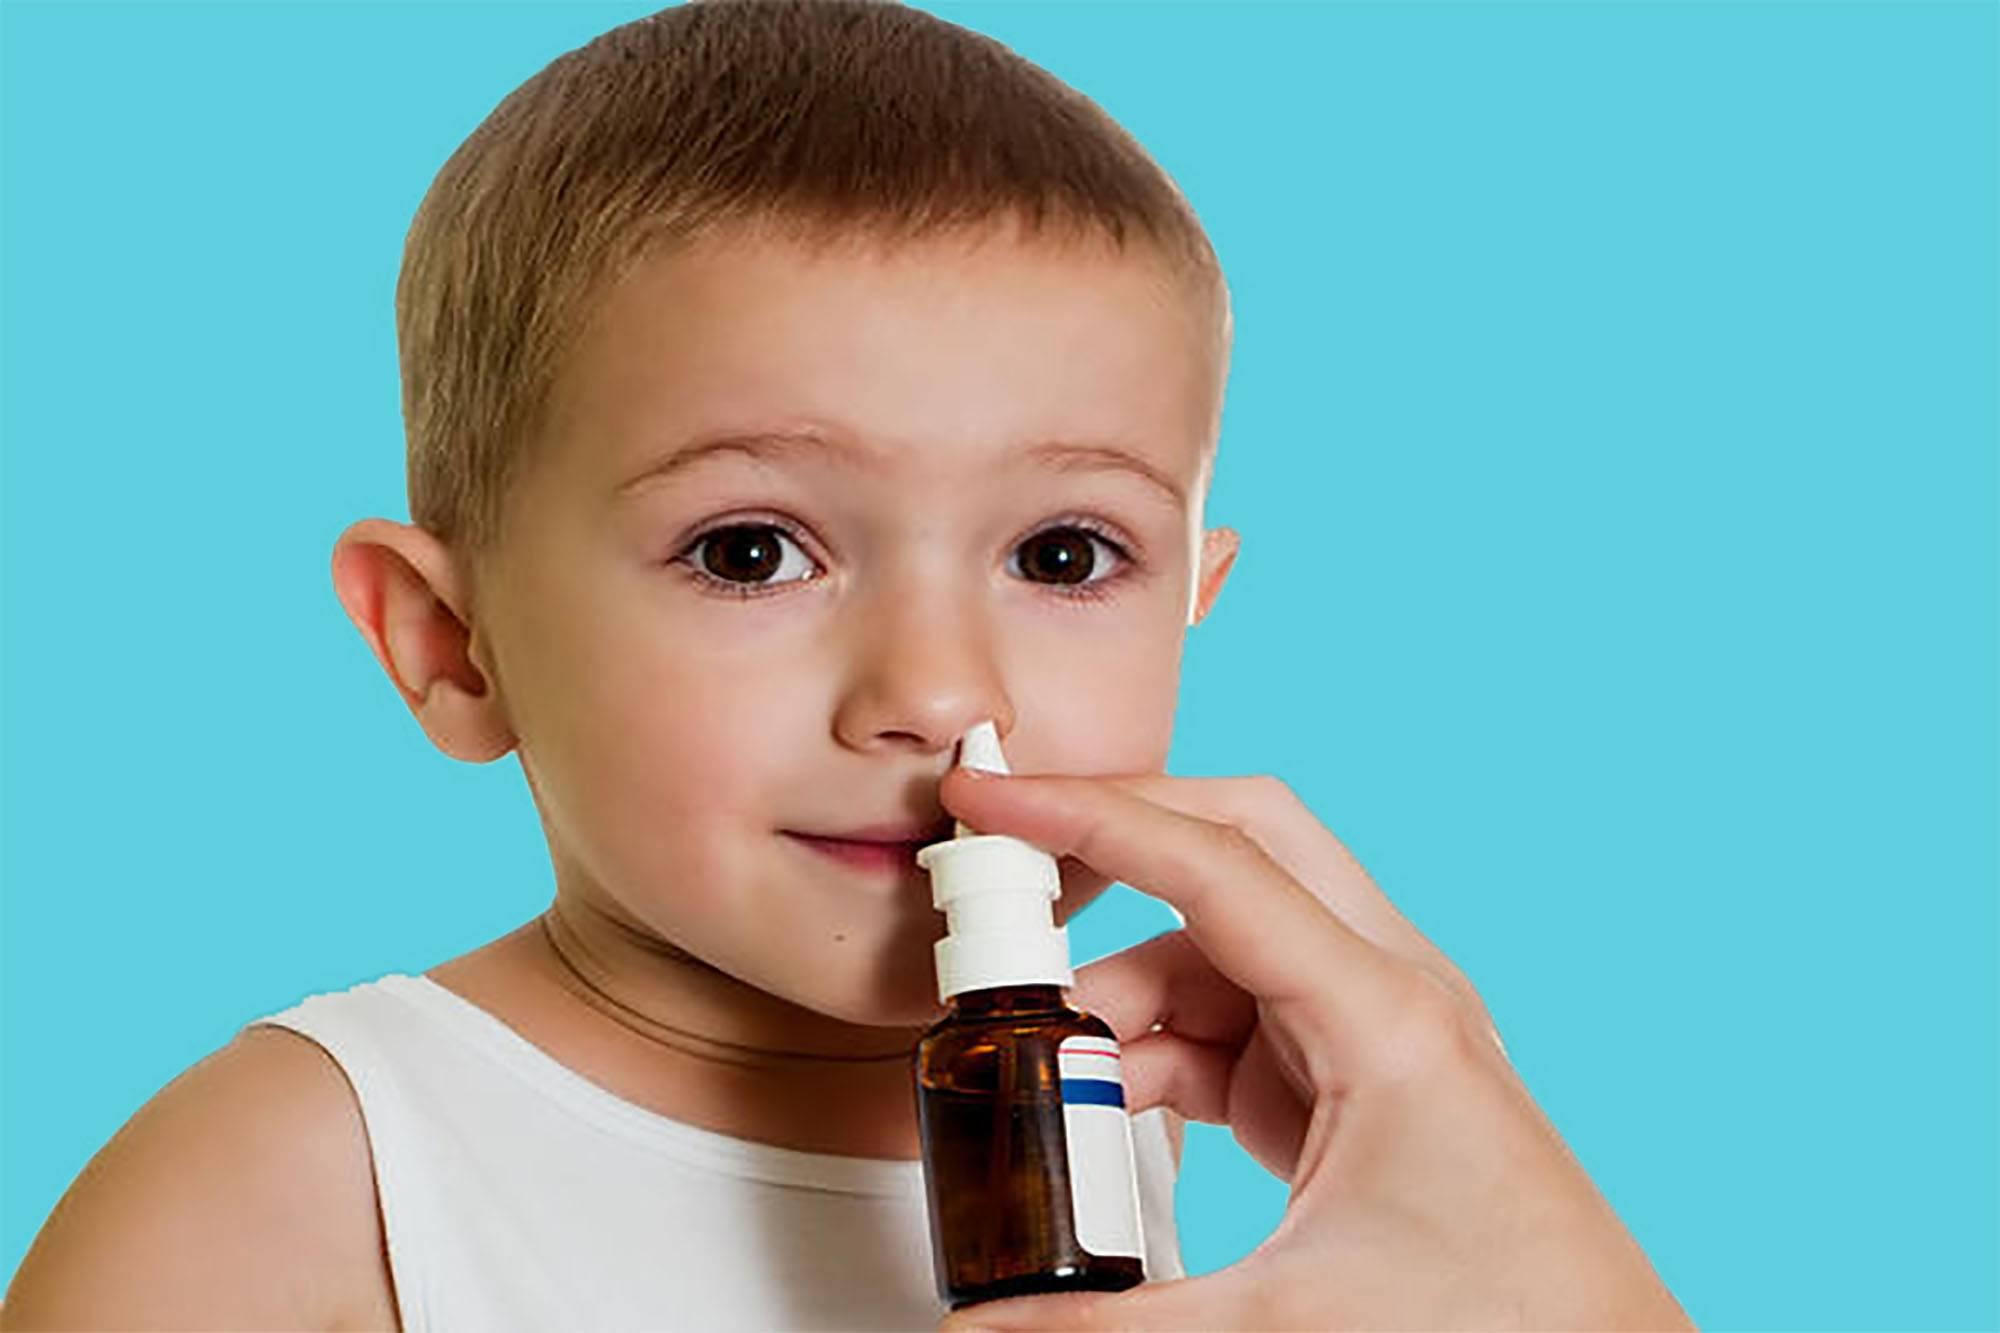 Извивается при кормлении и во сне - ребенок кряхтит во сне и ерзает - запись пользователя ирискин (id1150991) в сообществе здоровье новорожденных в категории разное - babyblog.ru